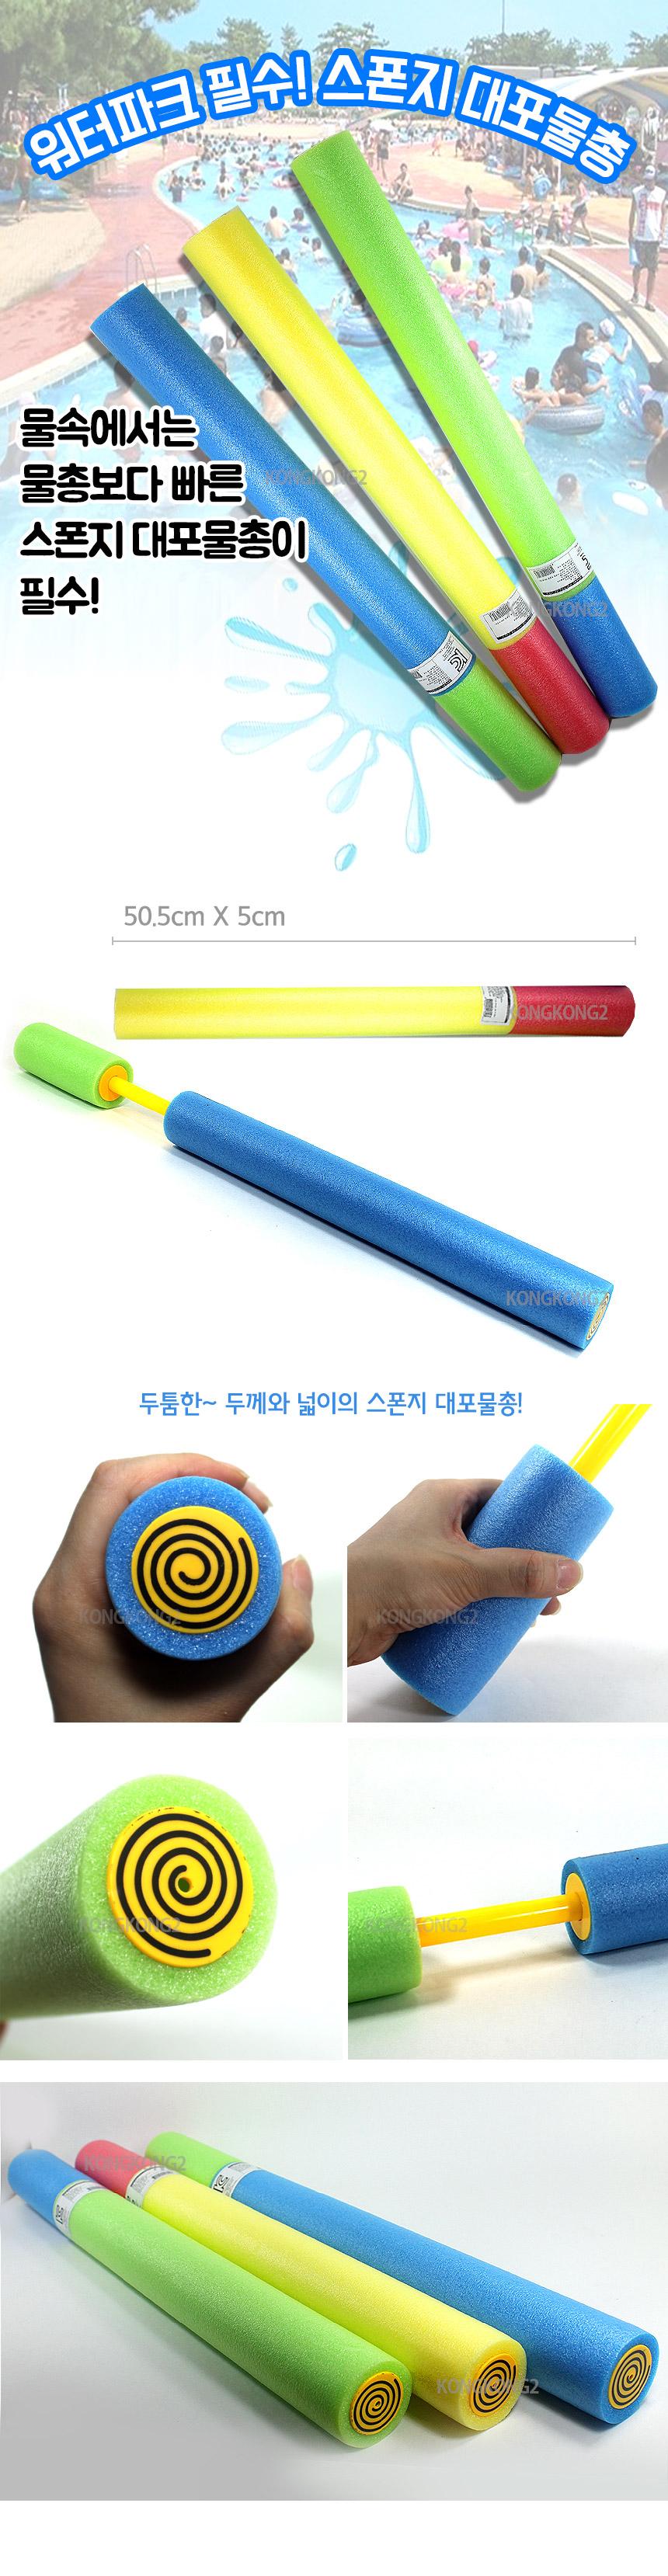 sponge_gun_5.jpg